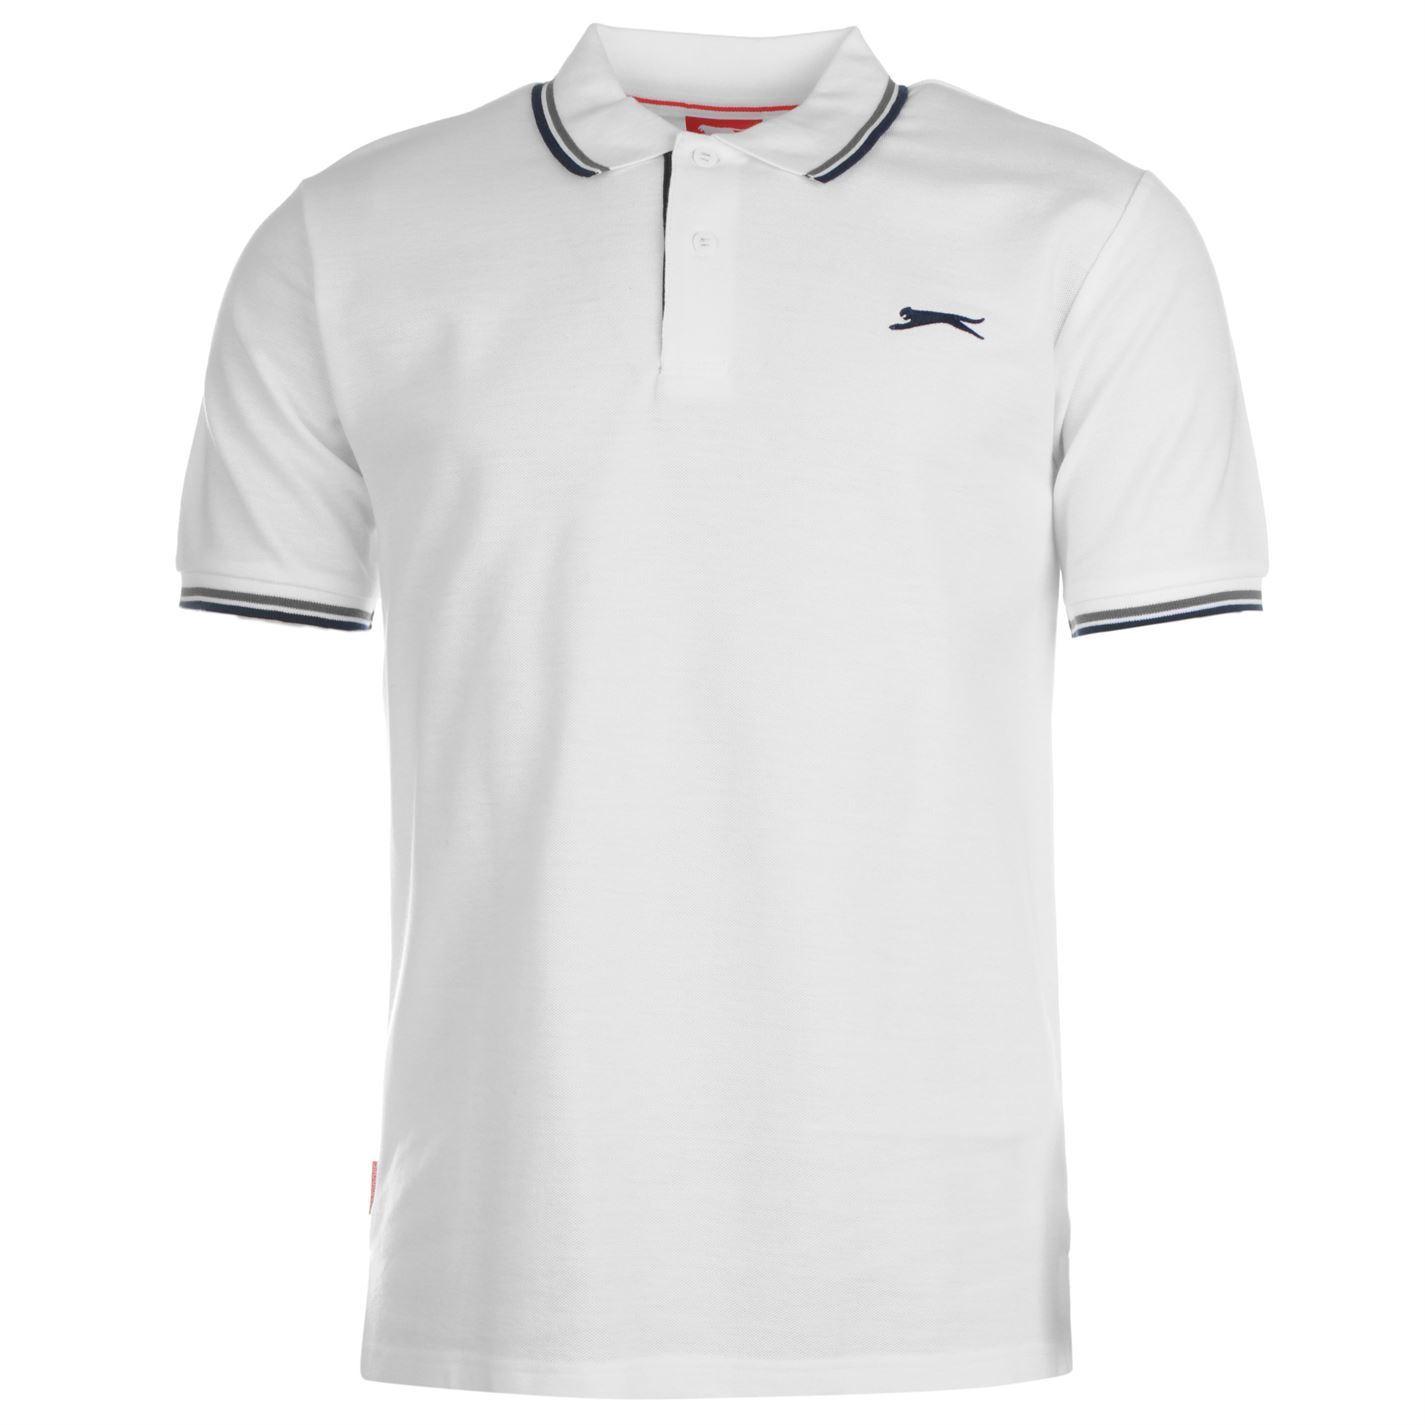 Slazenger-Polo-Camisa-de-hombre-con-cuello-con-Punta-T-Shirt-Top-Camiseta-Tee miniatura 82